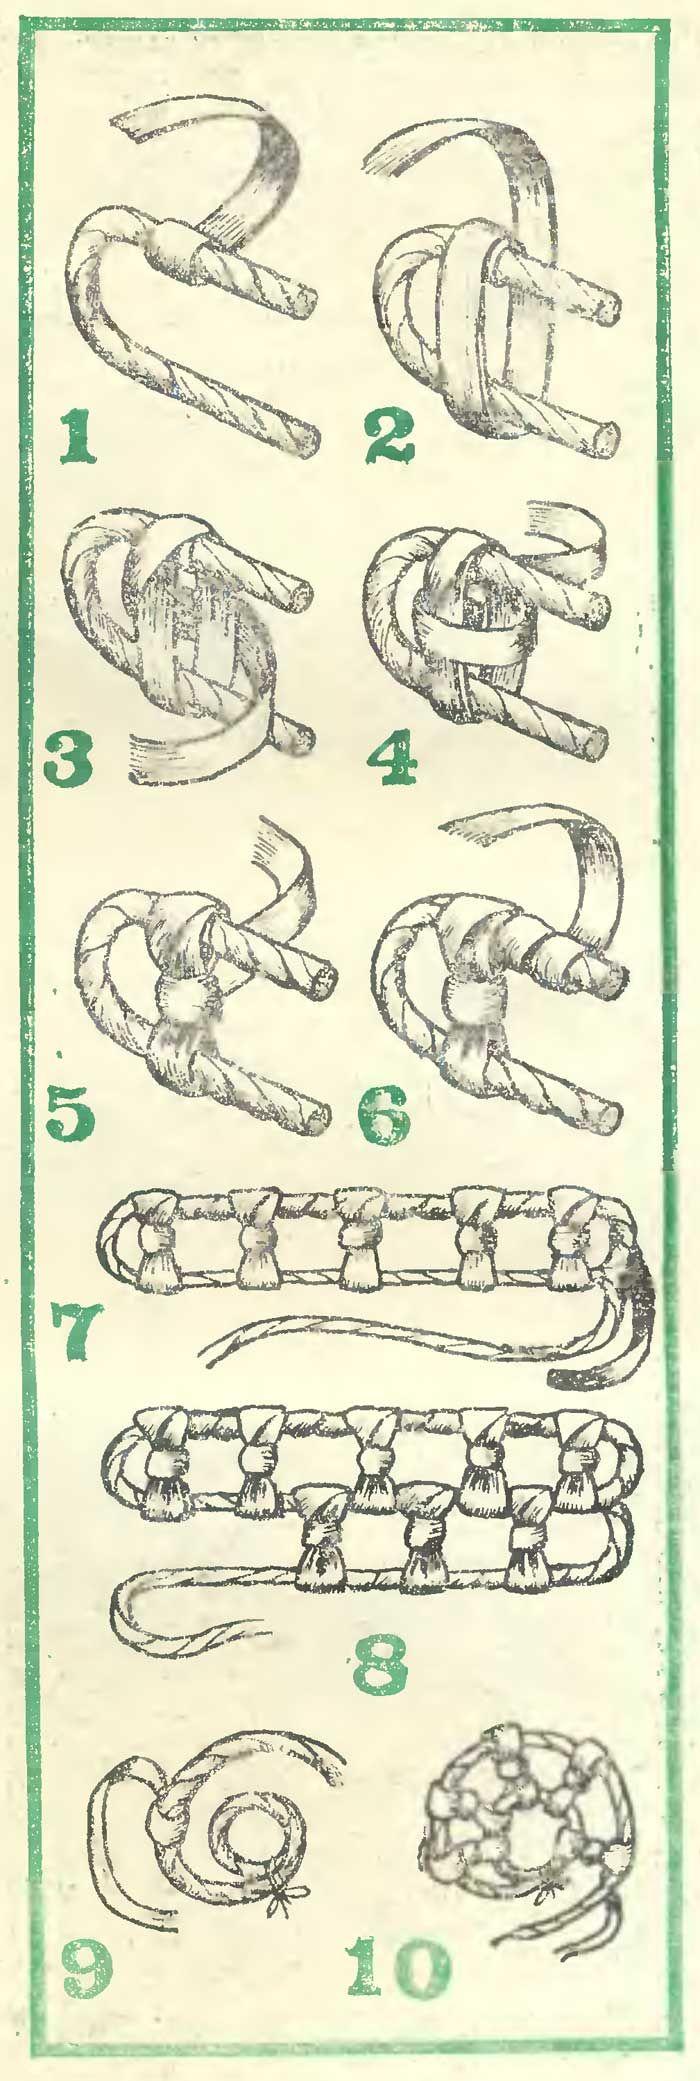 Мастера используют для плетения различных вещей листья и стебли рогоза и камыша, листья початков кукурузы. Их мы и рекомендуем вам для работы. В нашей стране пр